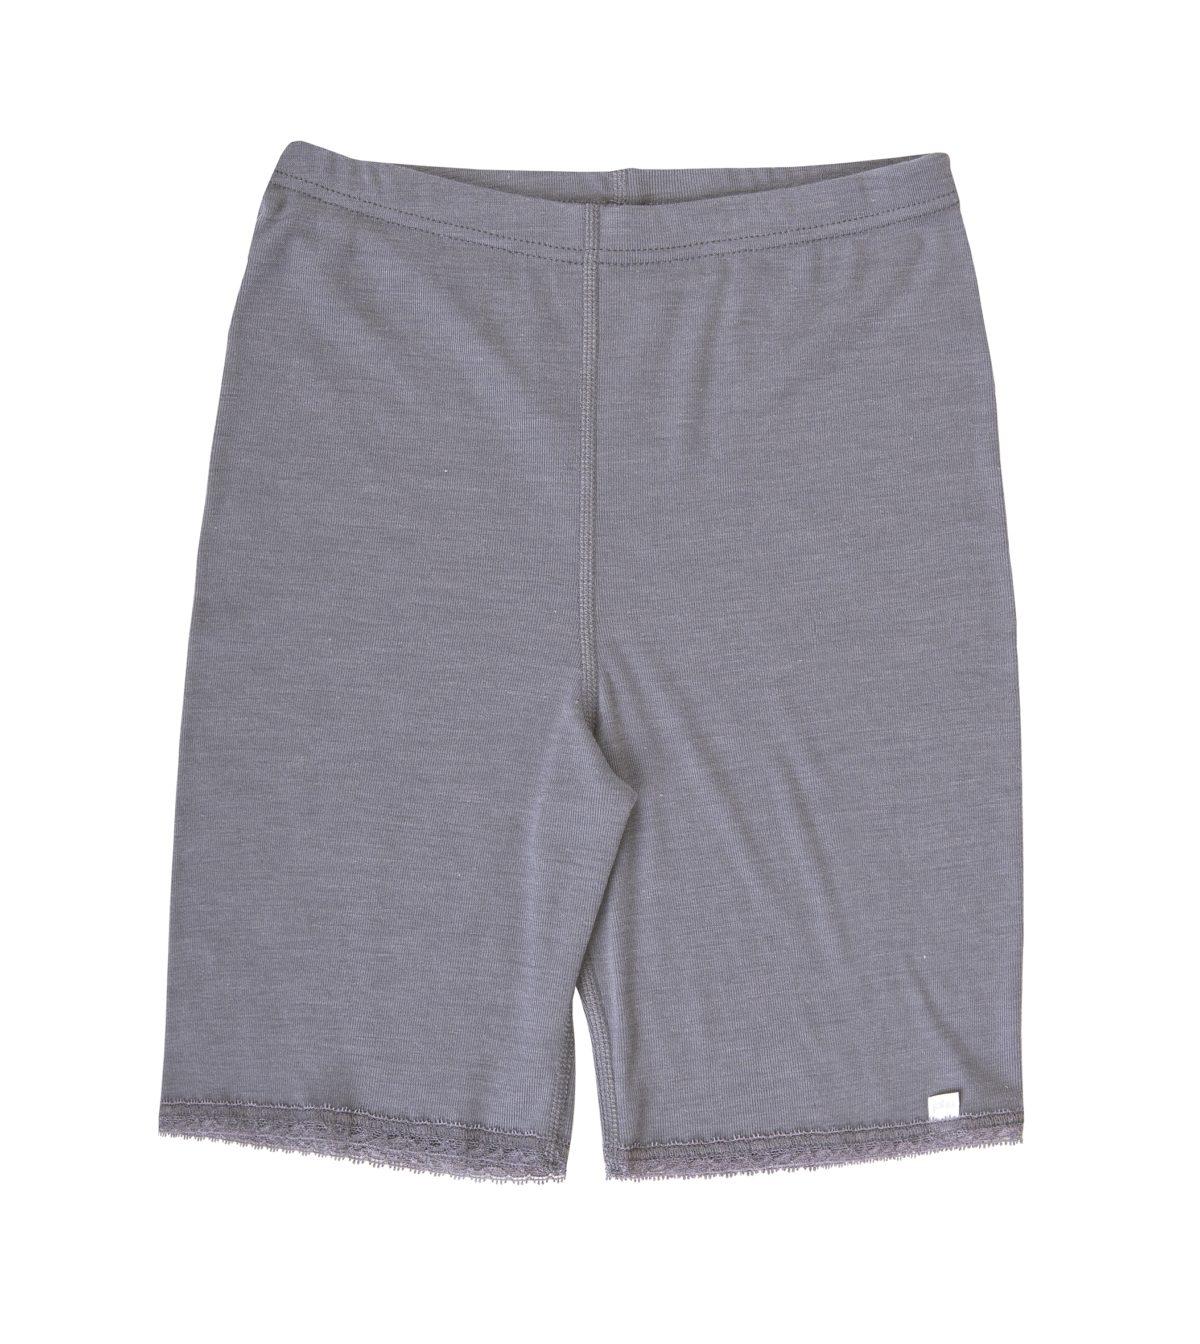 Joha uld silke shorts grå -0